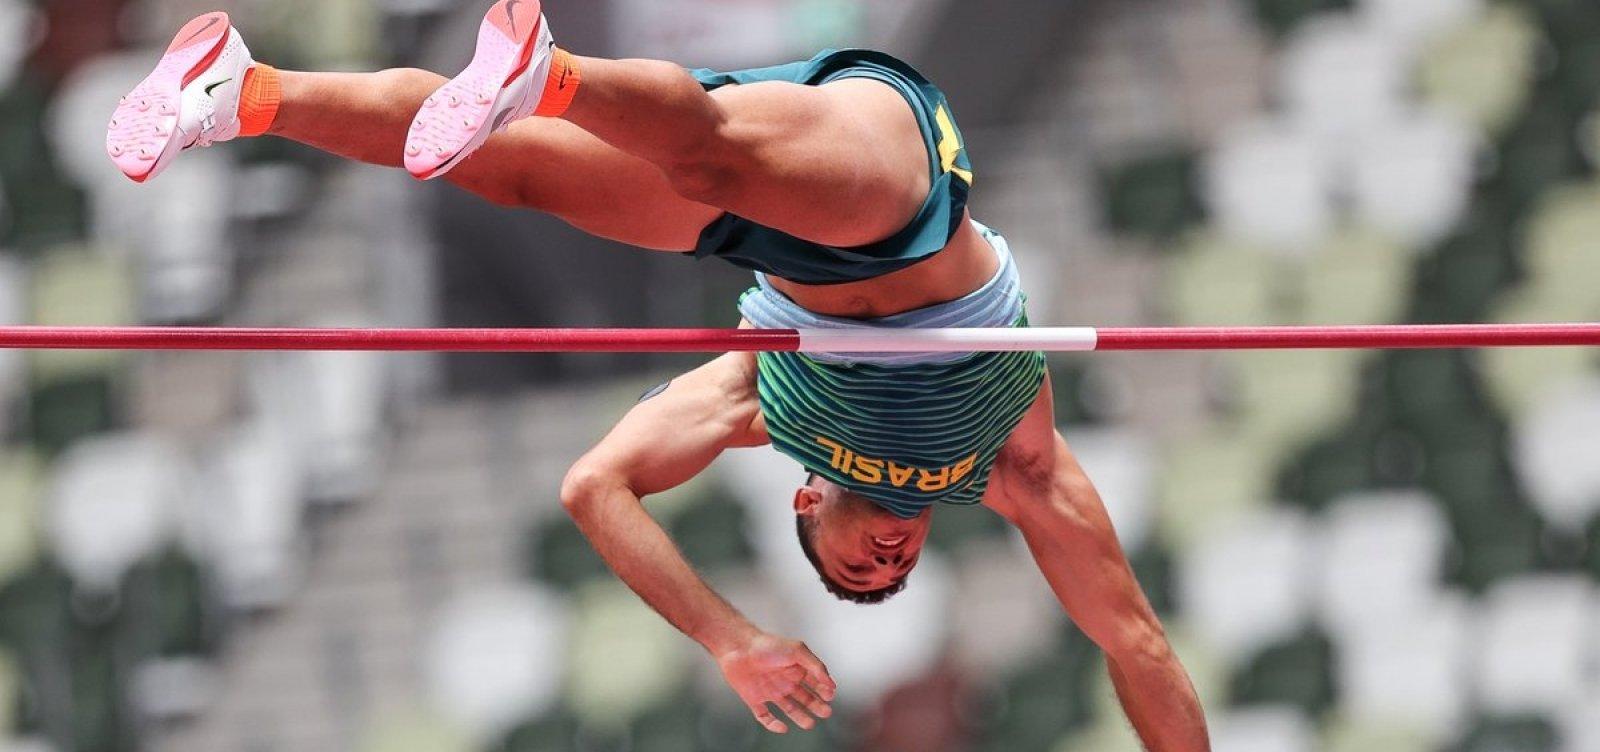 Thiago Braz tenta o bi olímpico no salto com vara; confira a programação